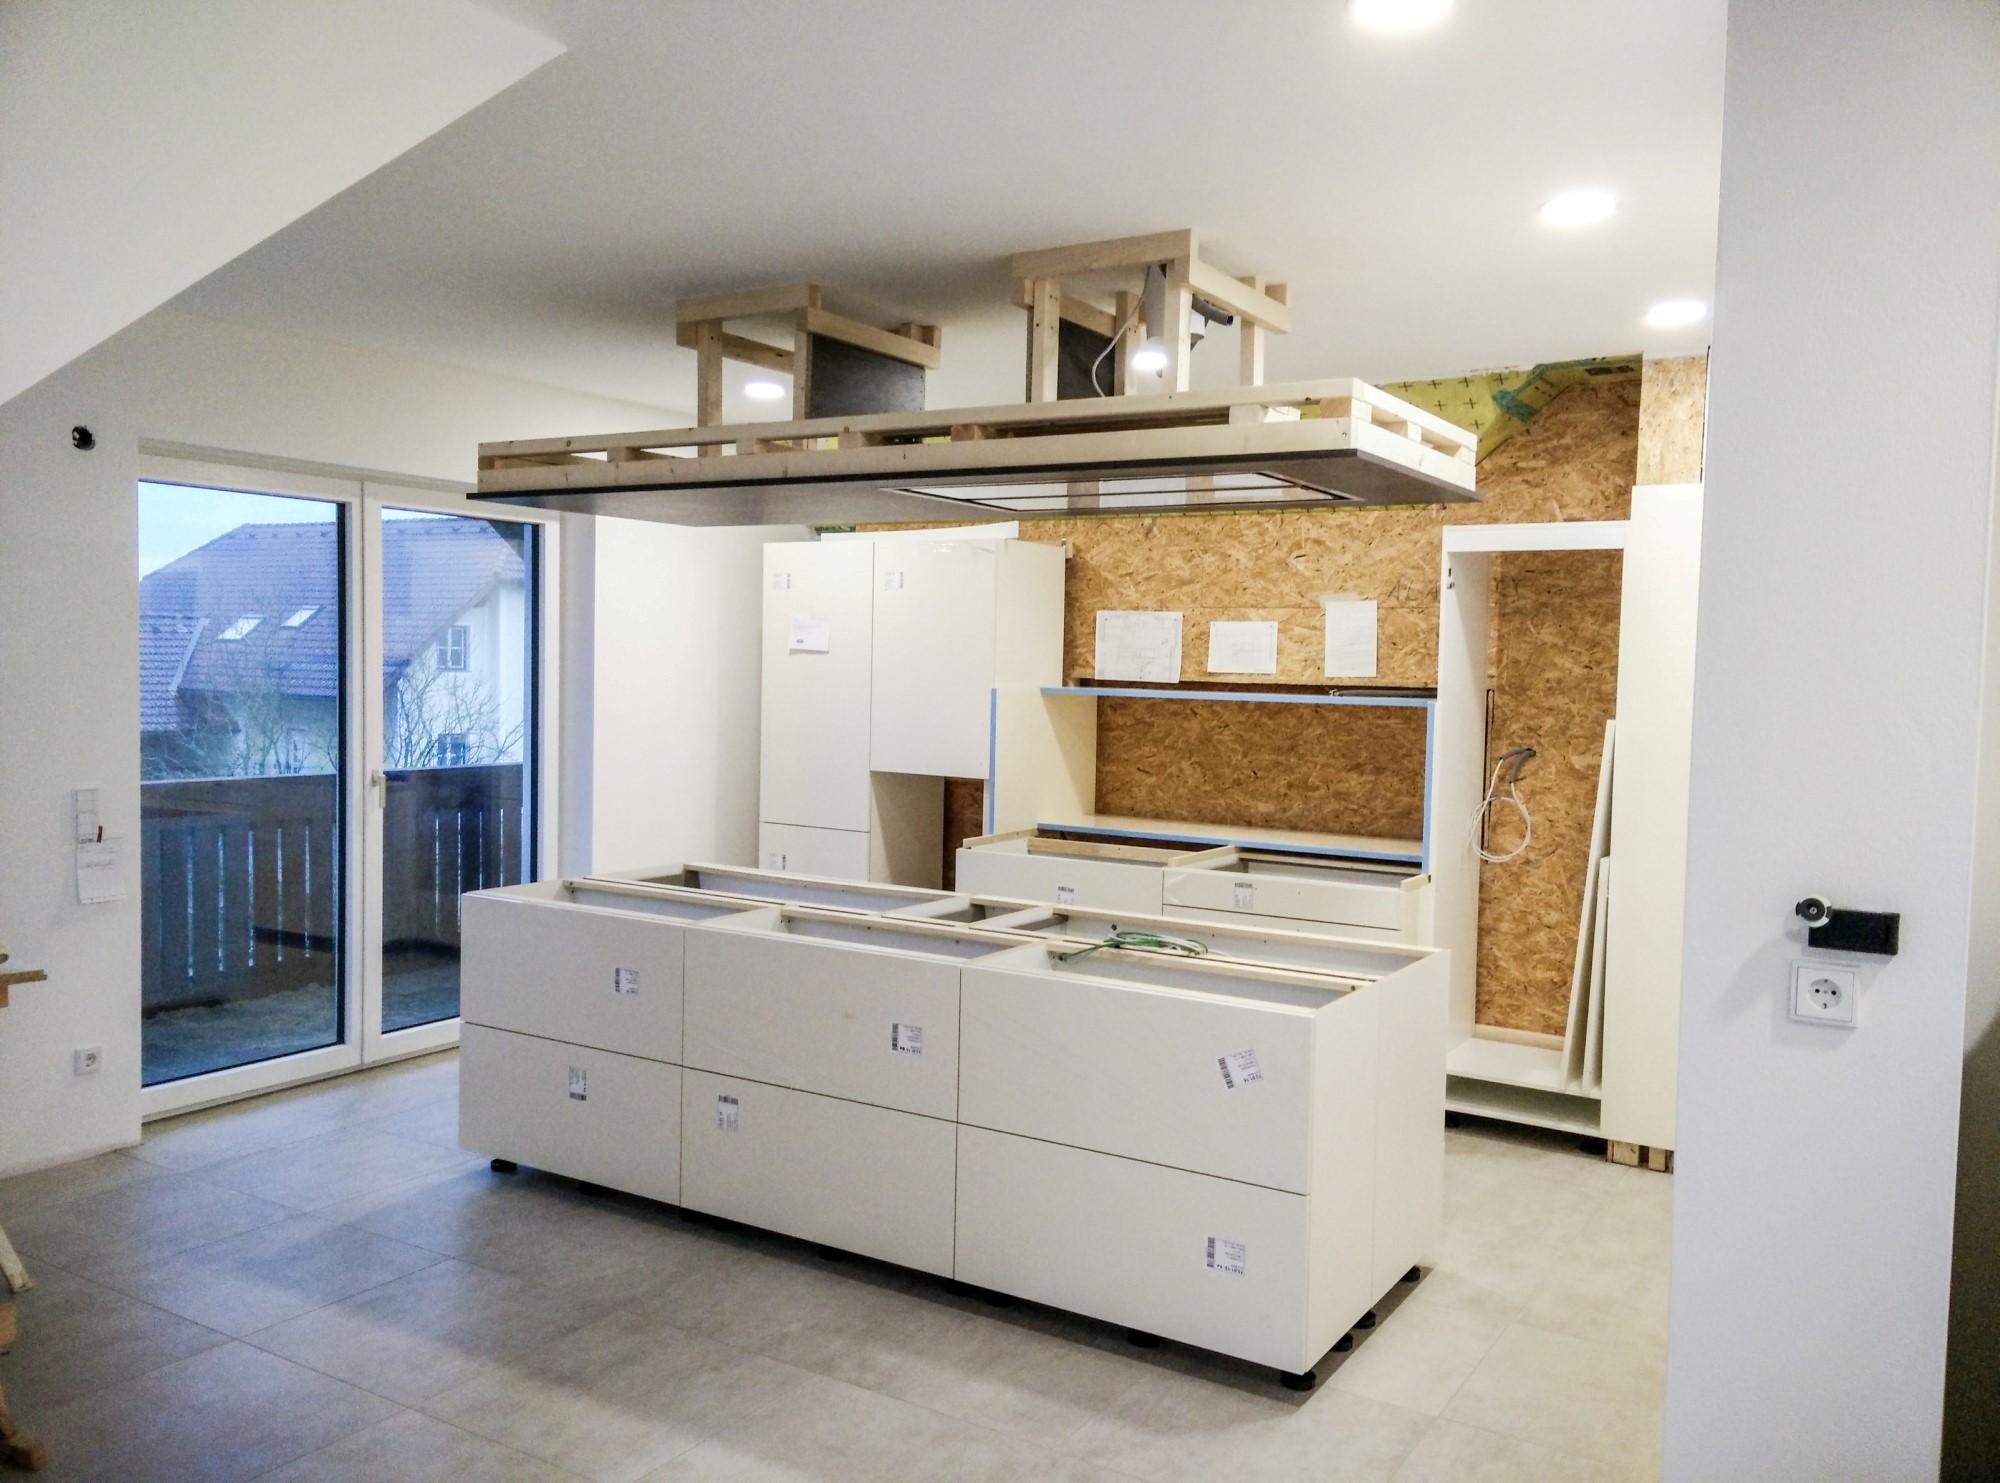 Küche_modern_Montage_(6)